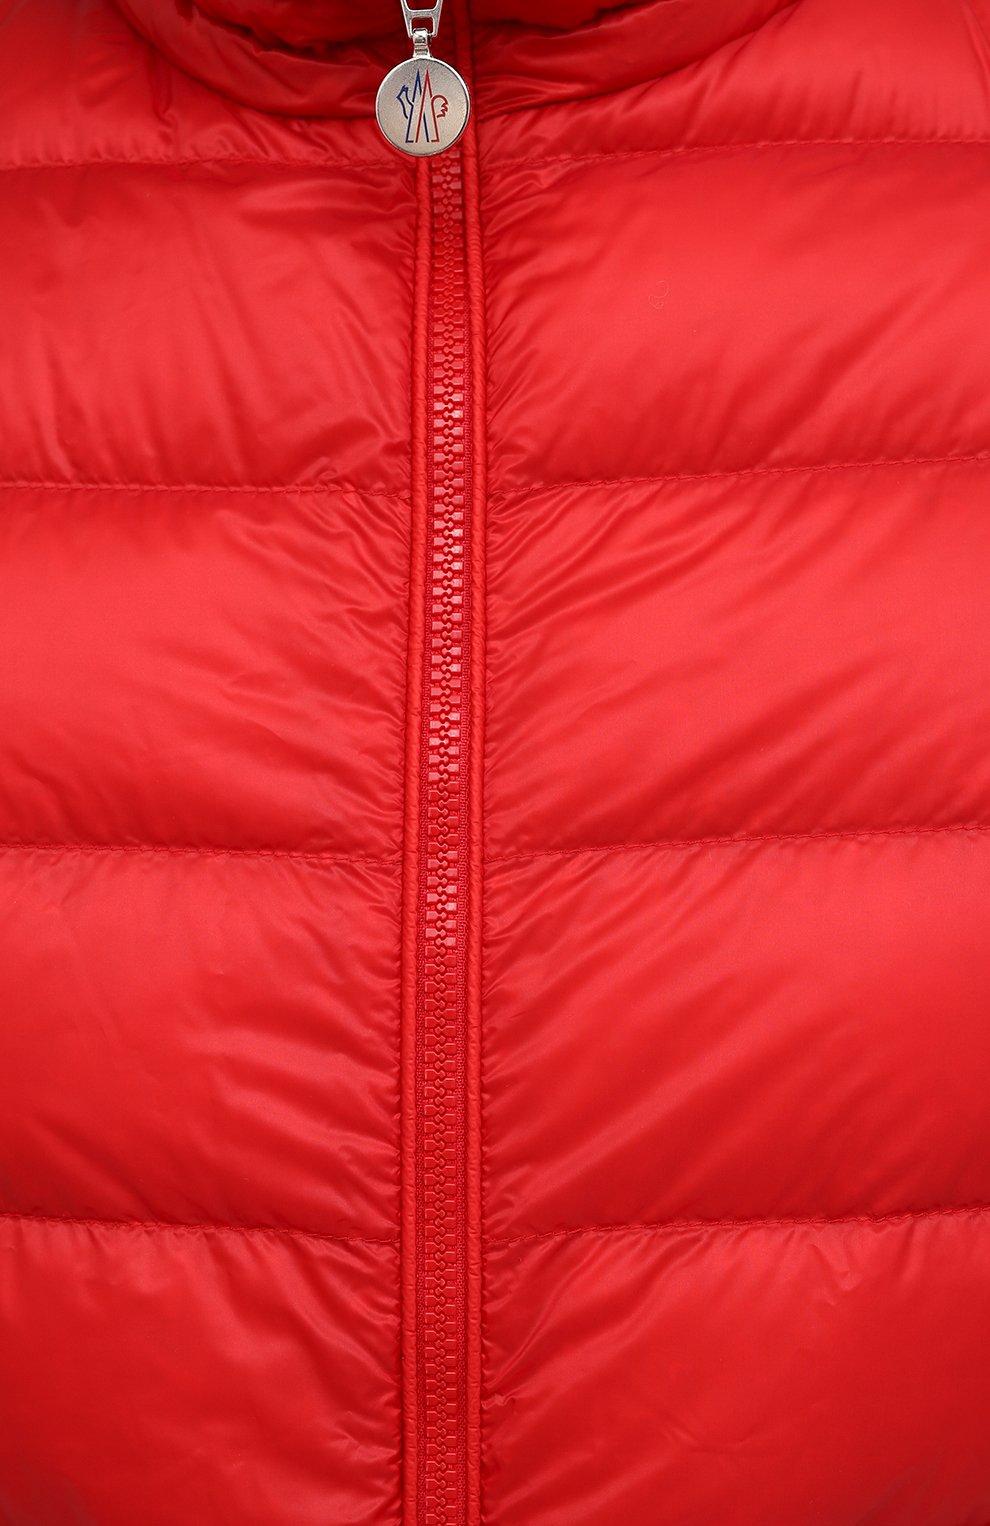 Мужская пуховая куртка agay MONCLER красного цвета, арт. G1-091-1A110-00-53279   Фото 5 (Кросс-КТ: Куртка; Мужское Кросс-КТ: пуховик-короткий; Рукава: Длинные; Материал внешний: Синтетический материал; Материал подклада: Синтетический материал; Длина (верхняя одежда): Короткие; Стили: Кэжуэл)